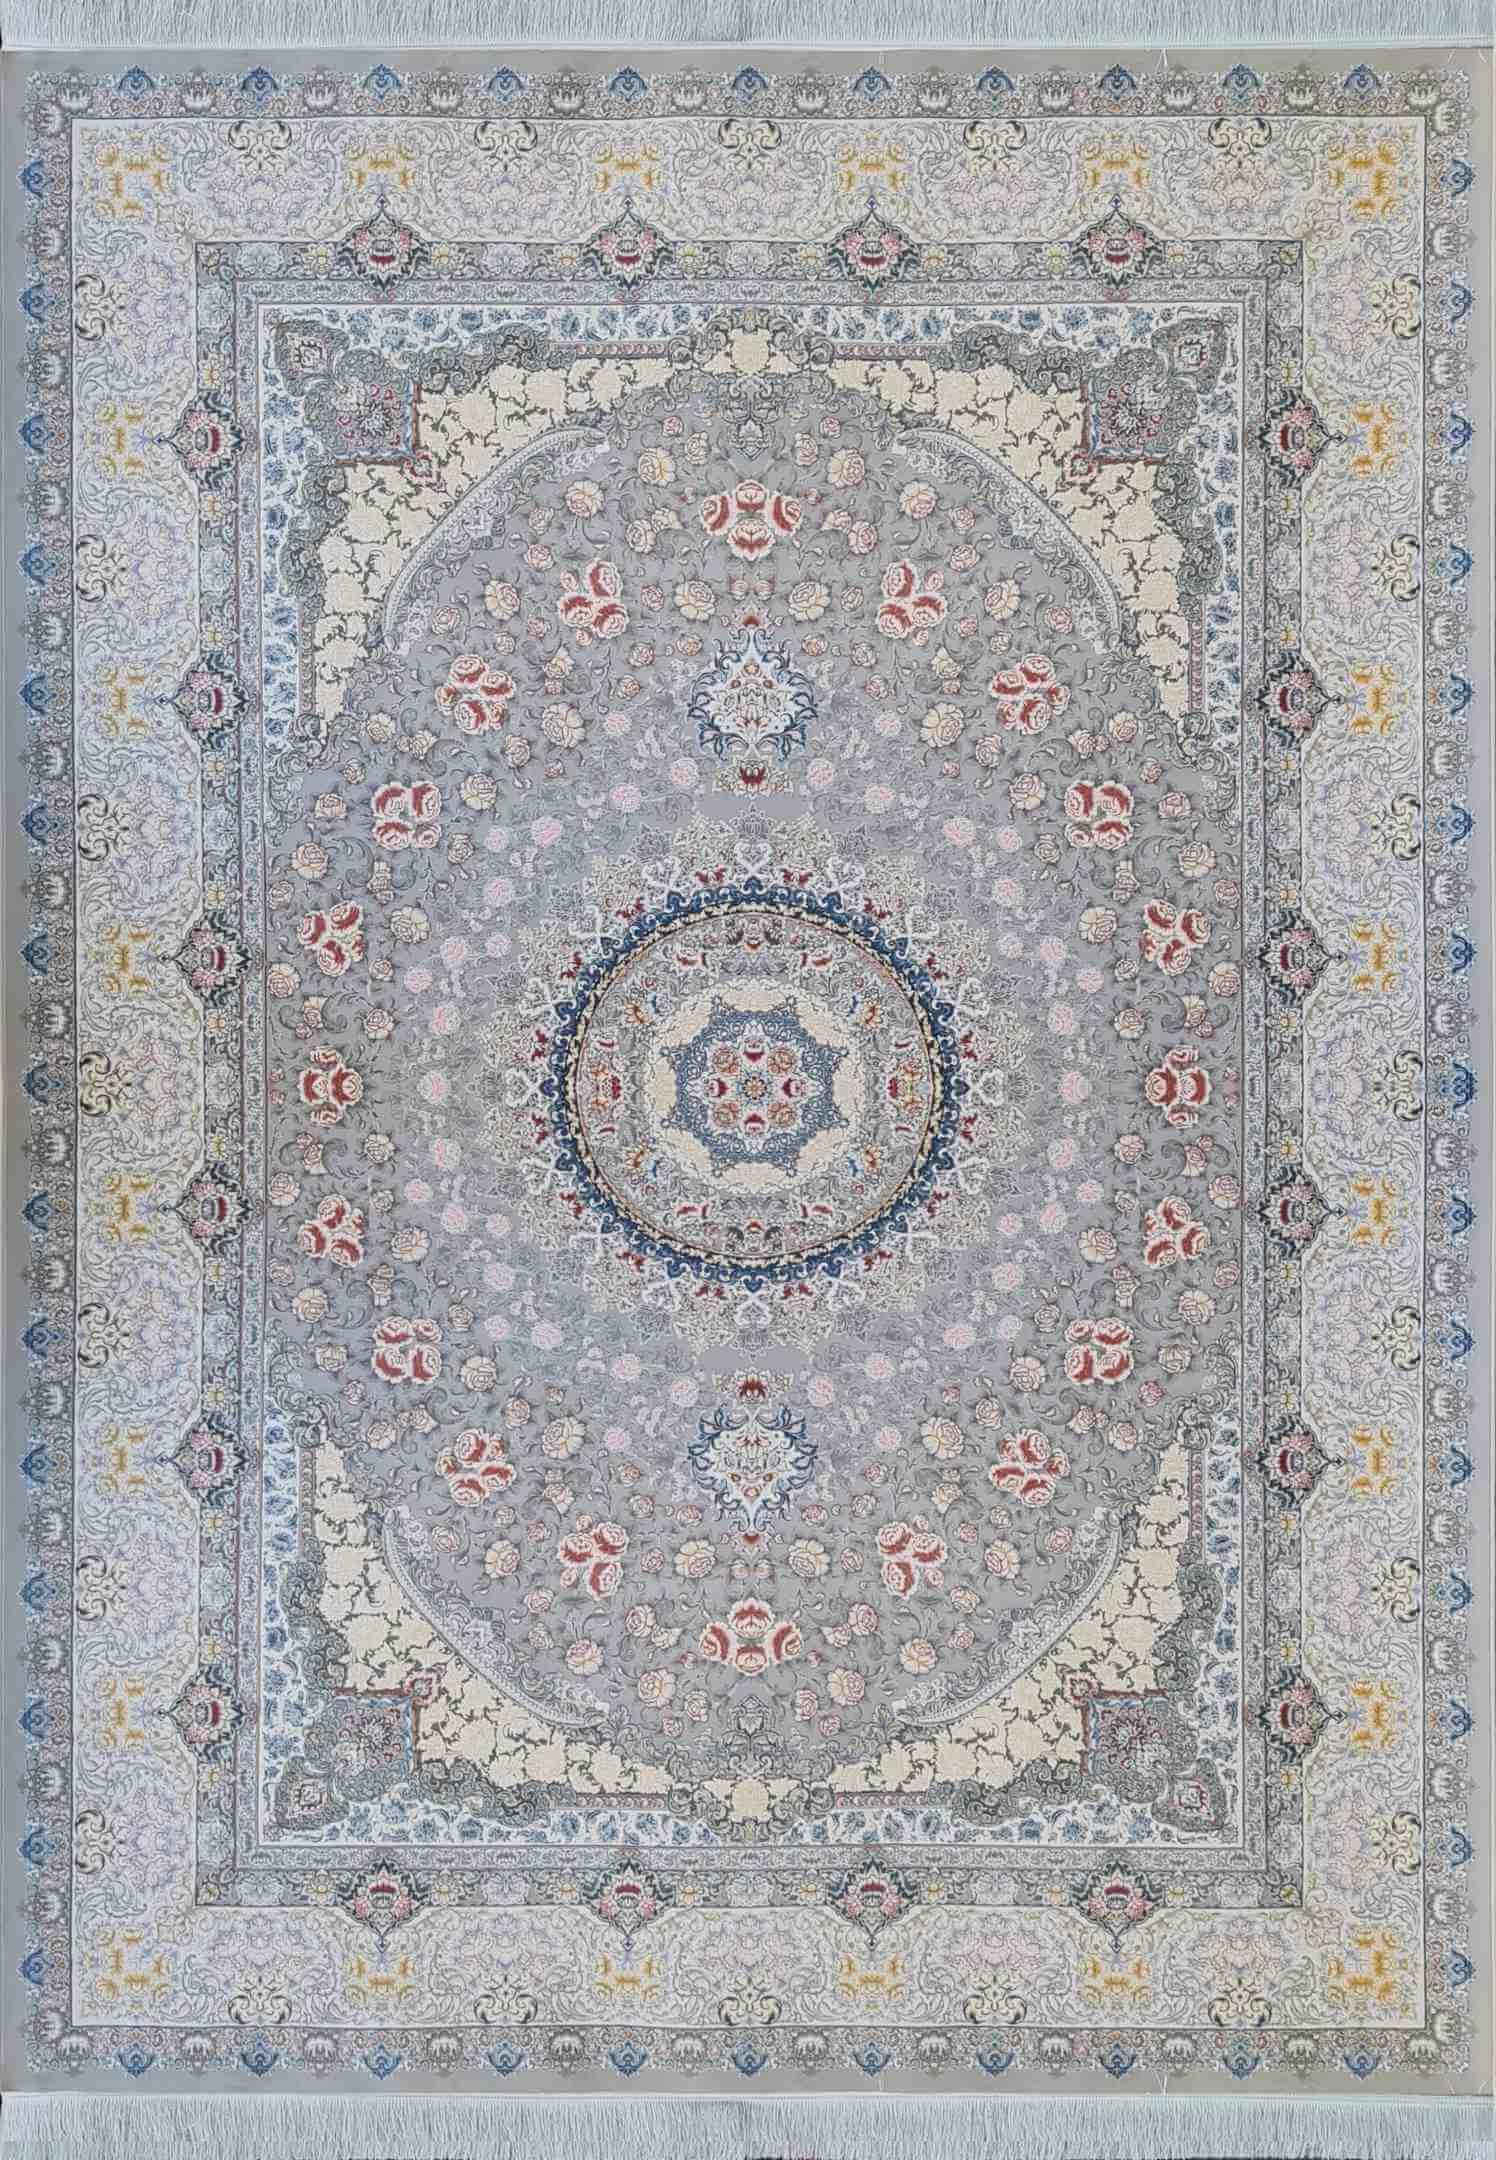 فرش جدید 1500 شانه نقشه روژینا